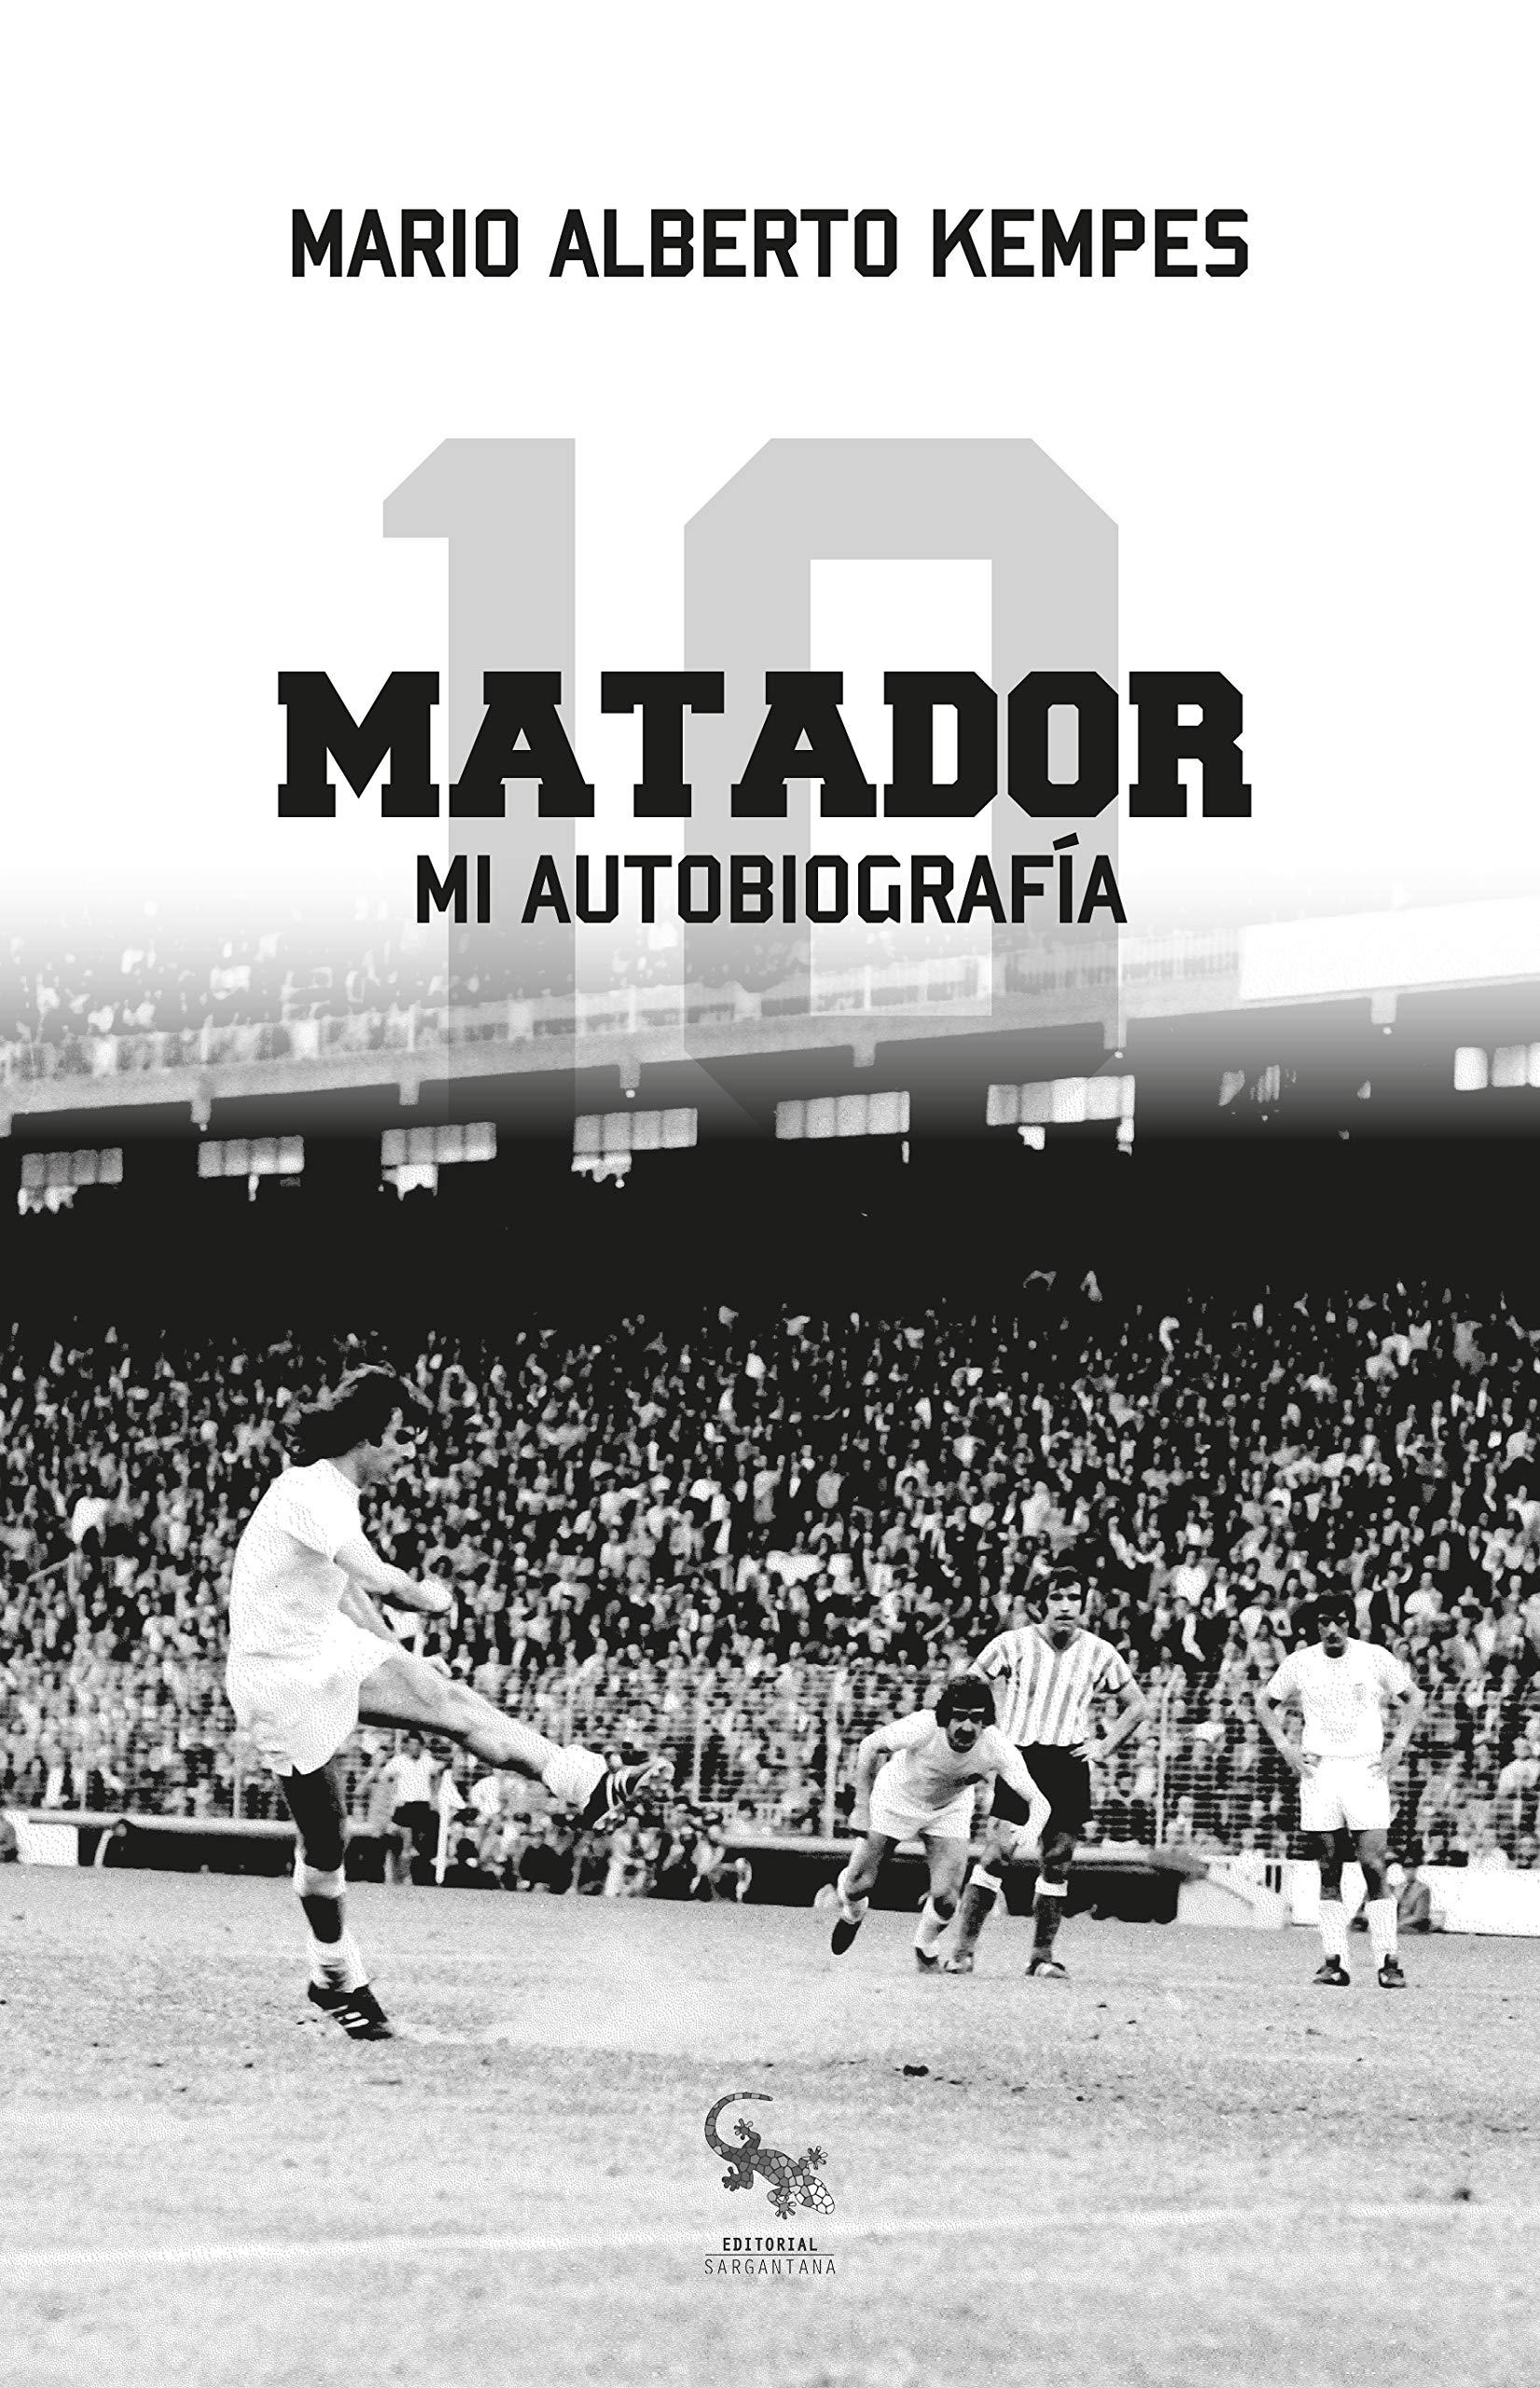 Matador. Mi autobiografía (Mario Alberto Kempes, 2019)